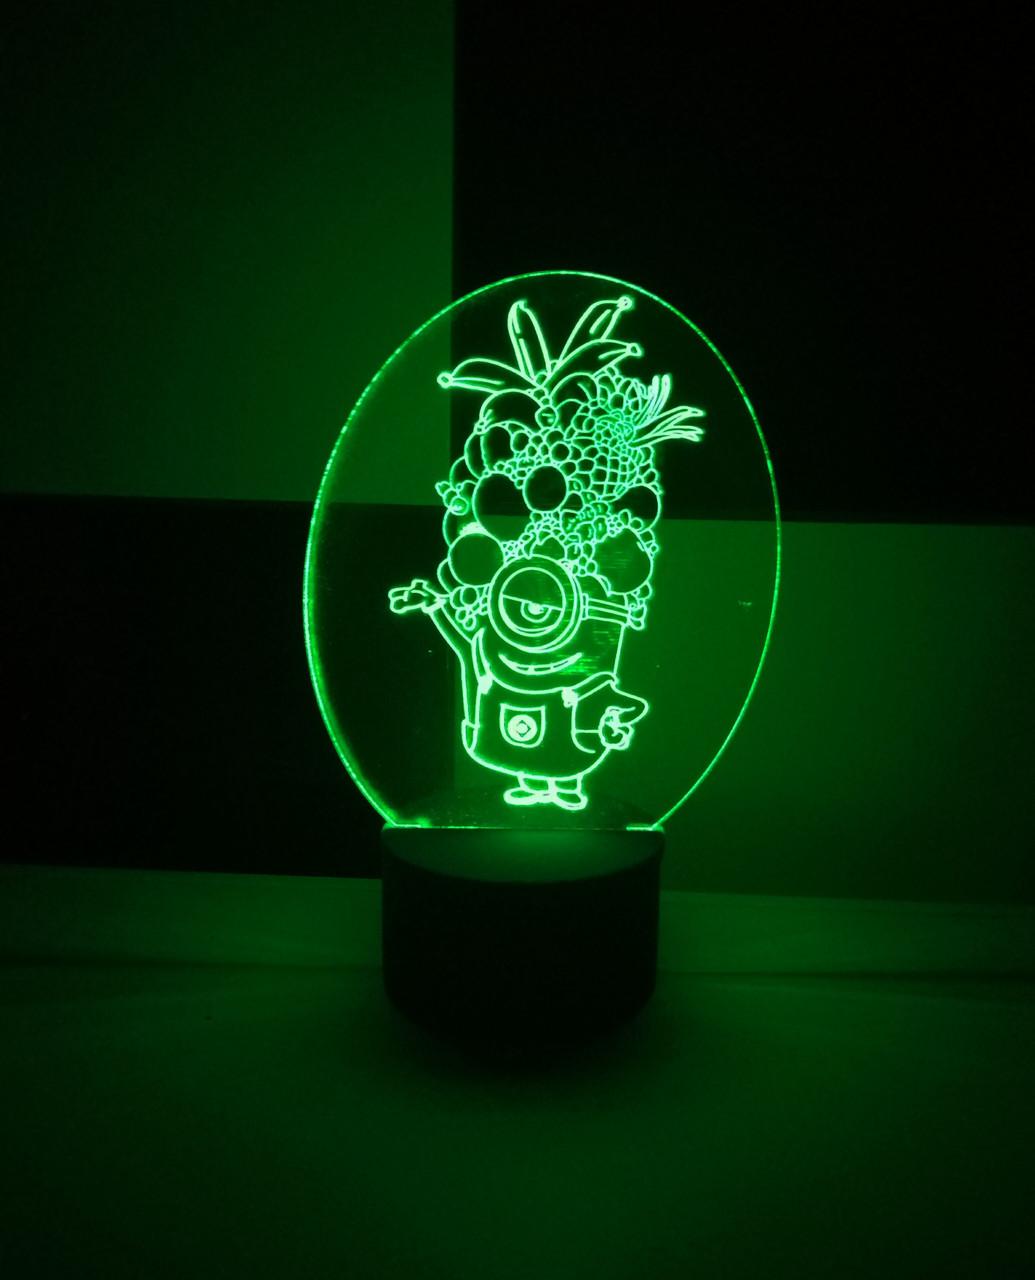 3d-світильник Міньйон з фруктами, 3д-нічник, кілька підсвічувань (на батарейці)